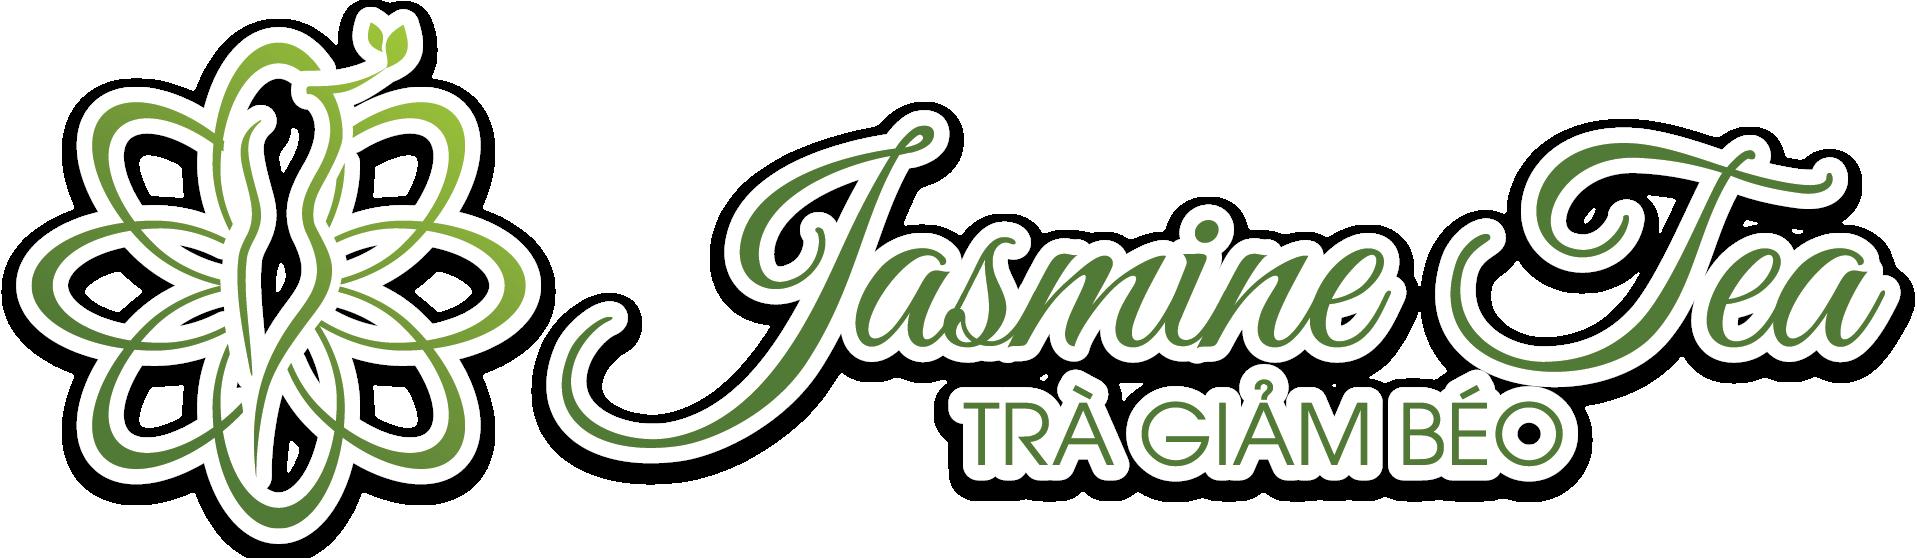 logo jasminetea